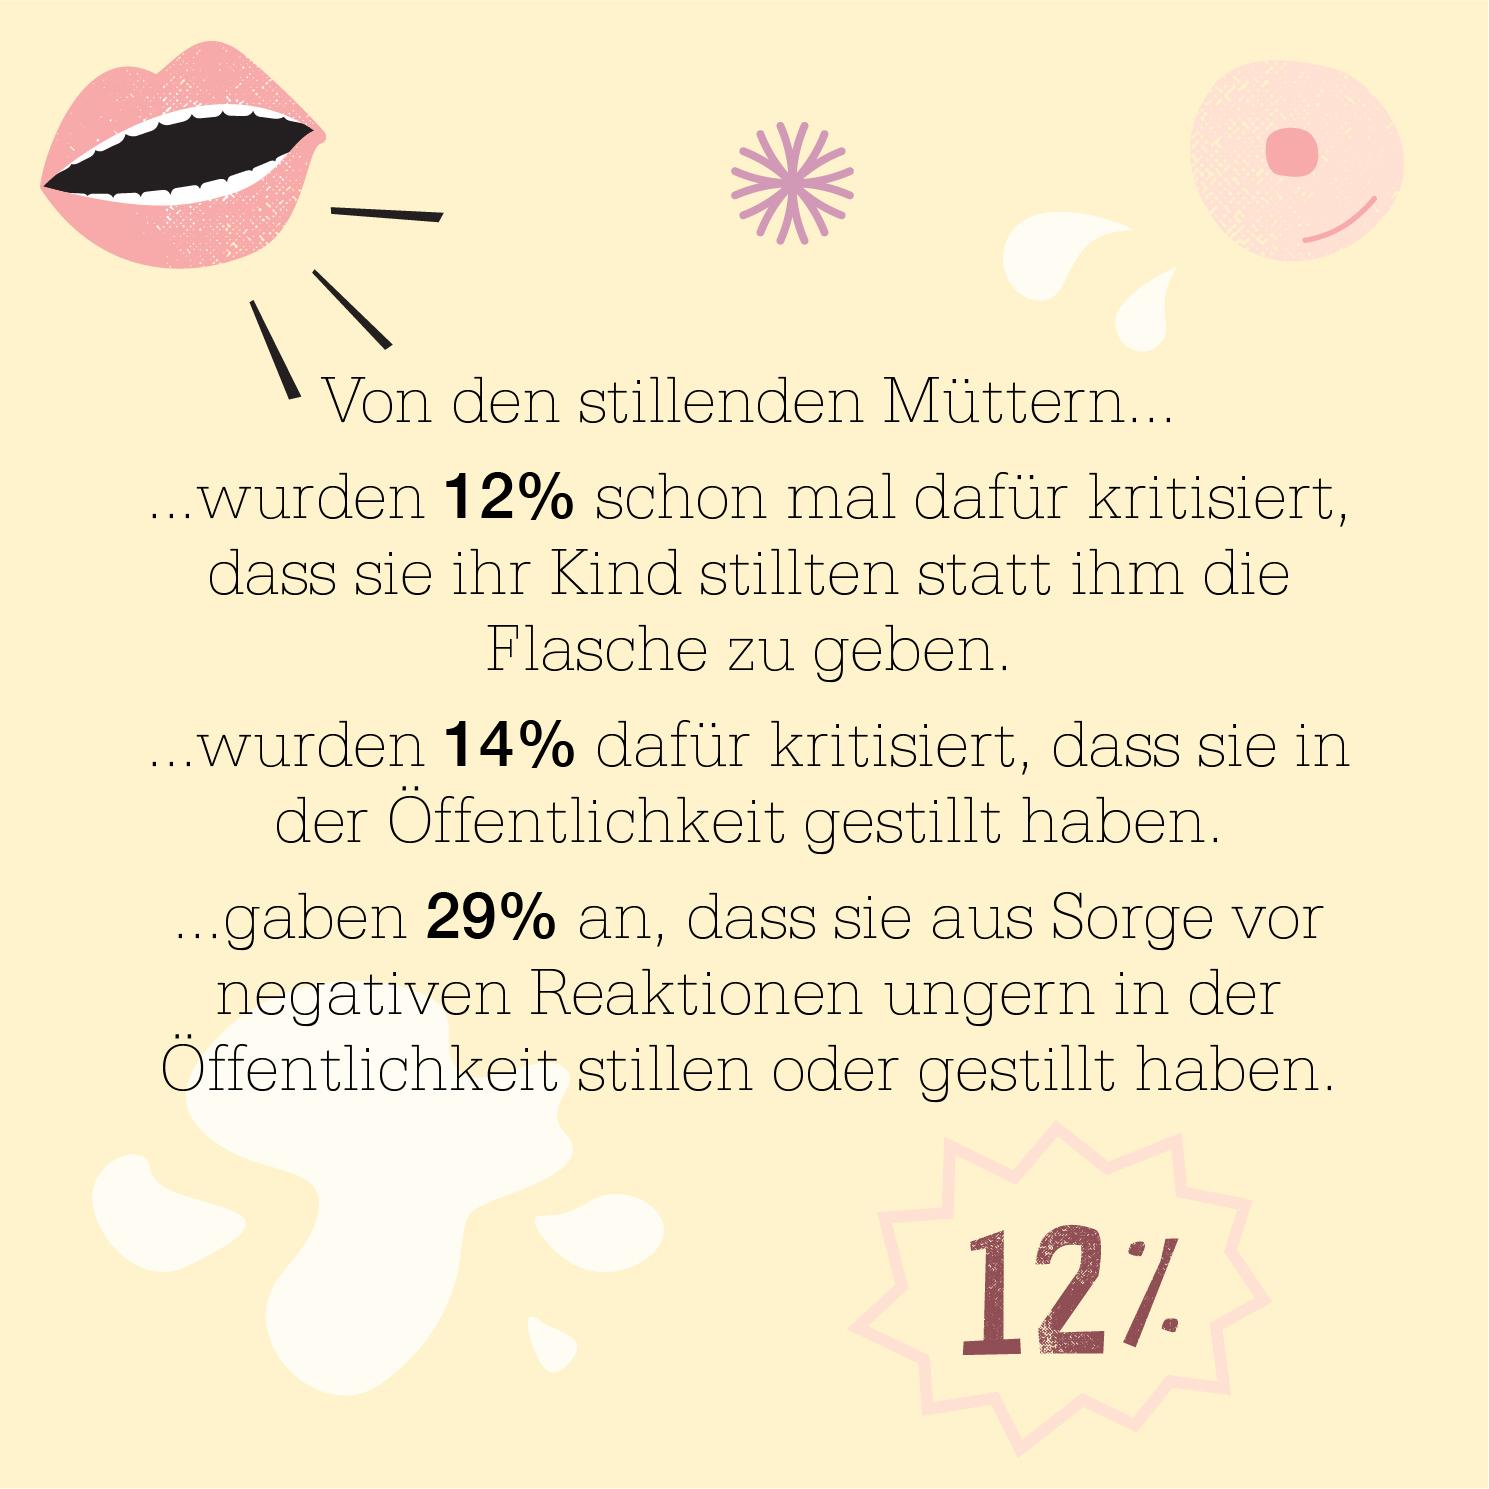 5_Studie_#coolmomsdontjudge